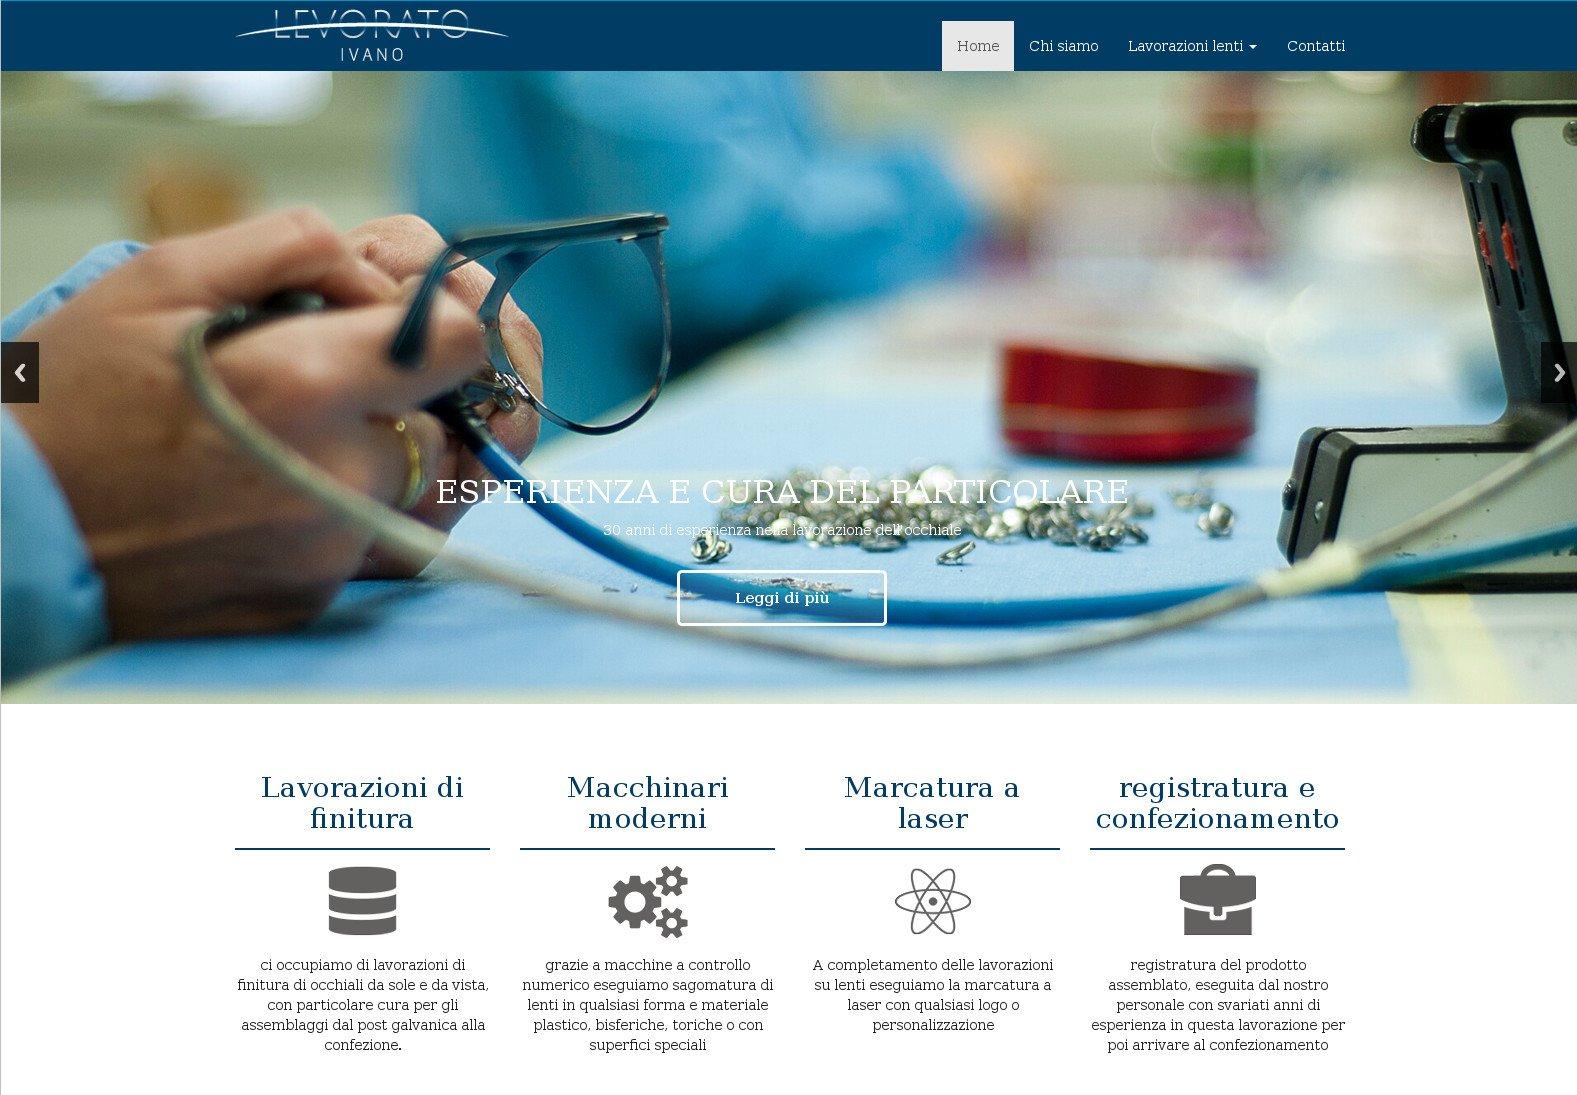 Realizzato il sito web di Levorato Ivano